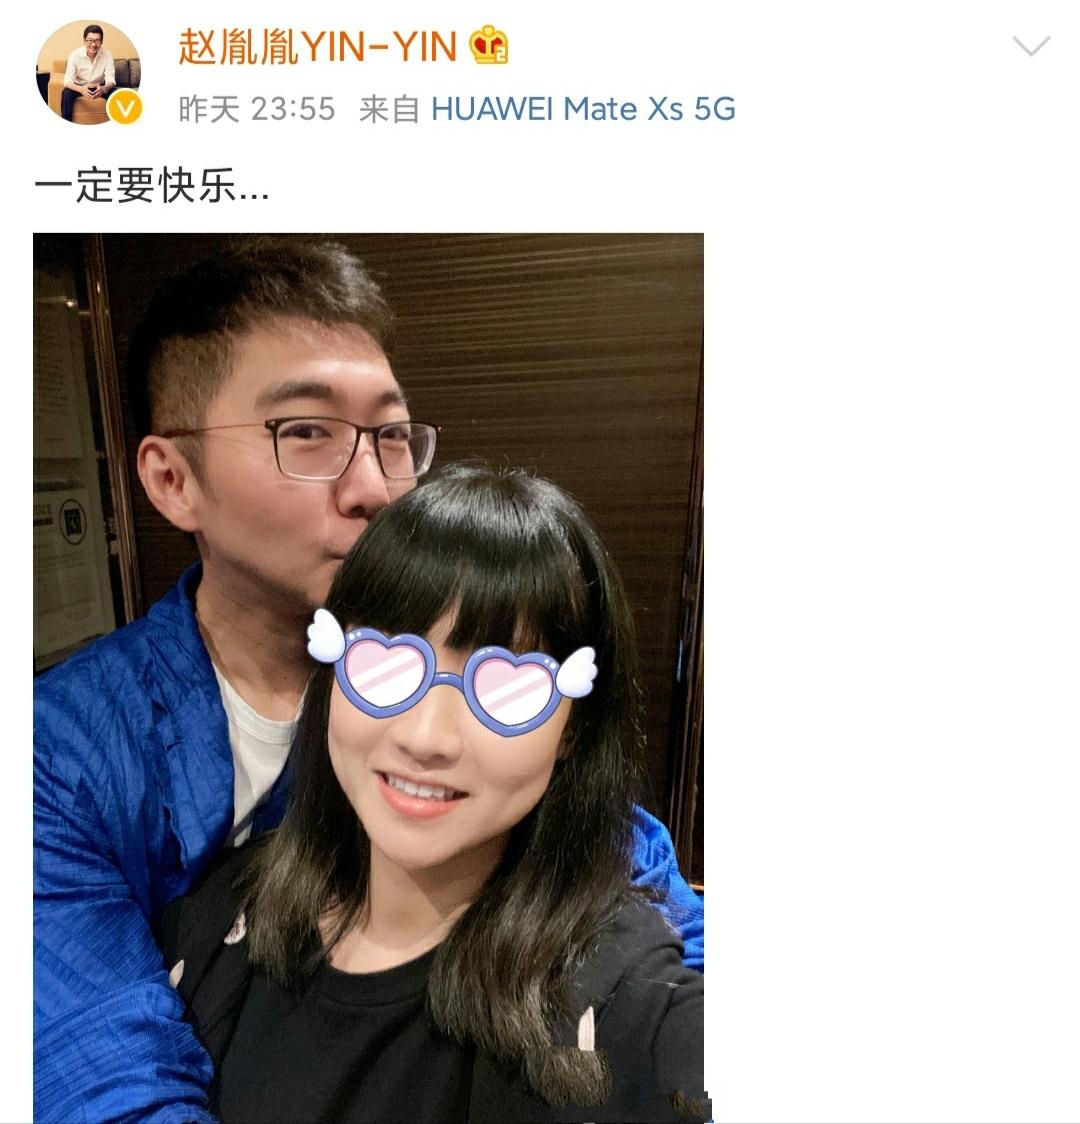 陈数丈夫搂女孩合照,回应称是亲表妹,陈数与他相识15天被求婚